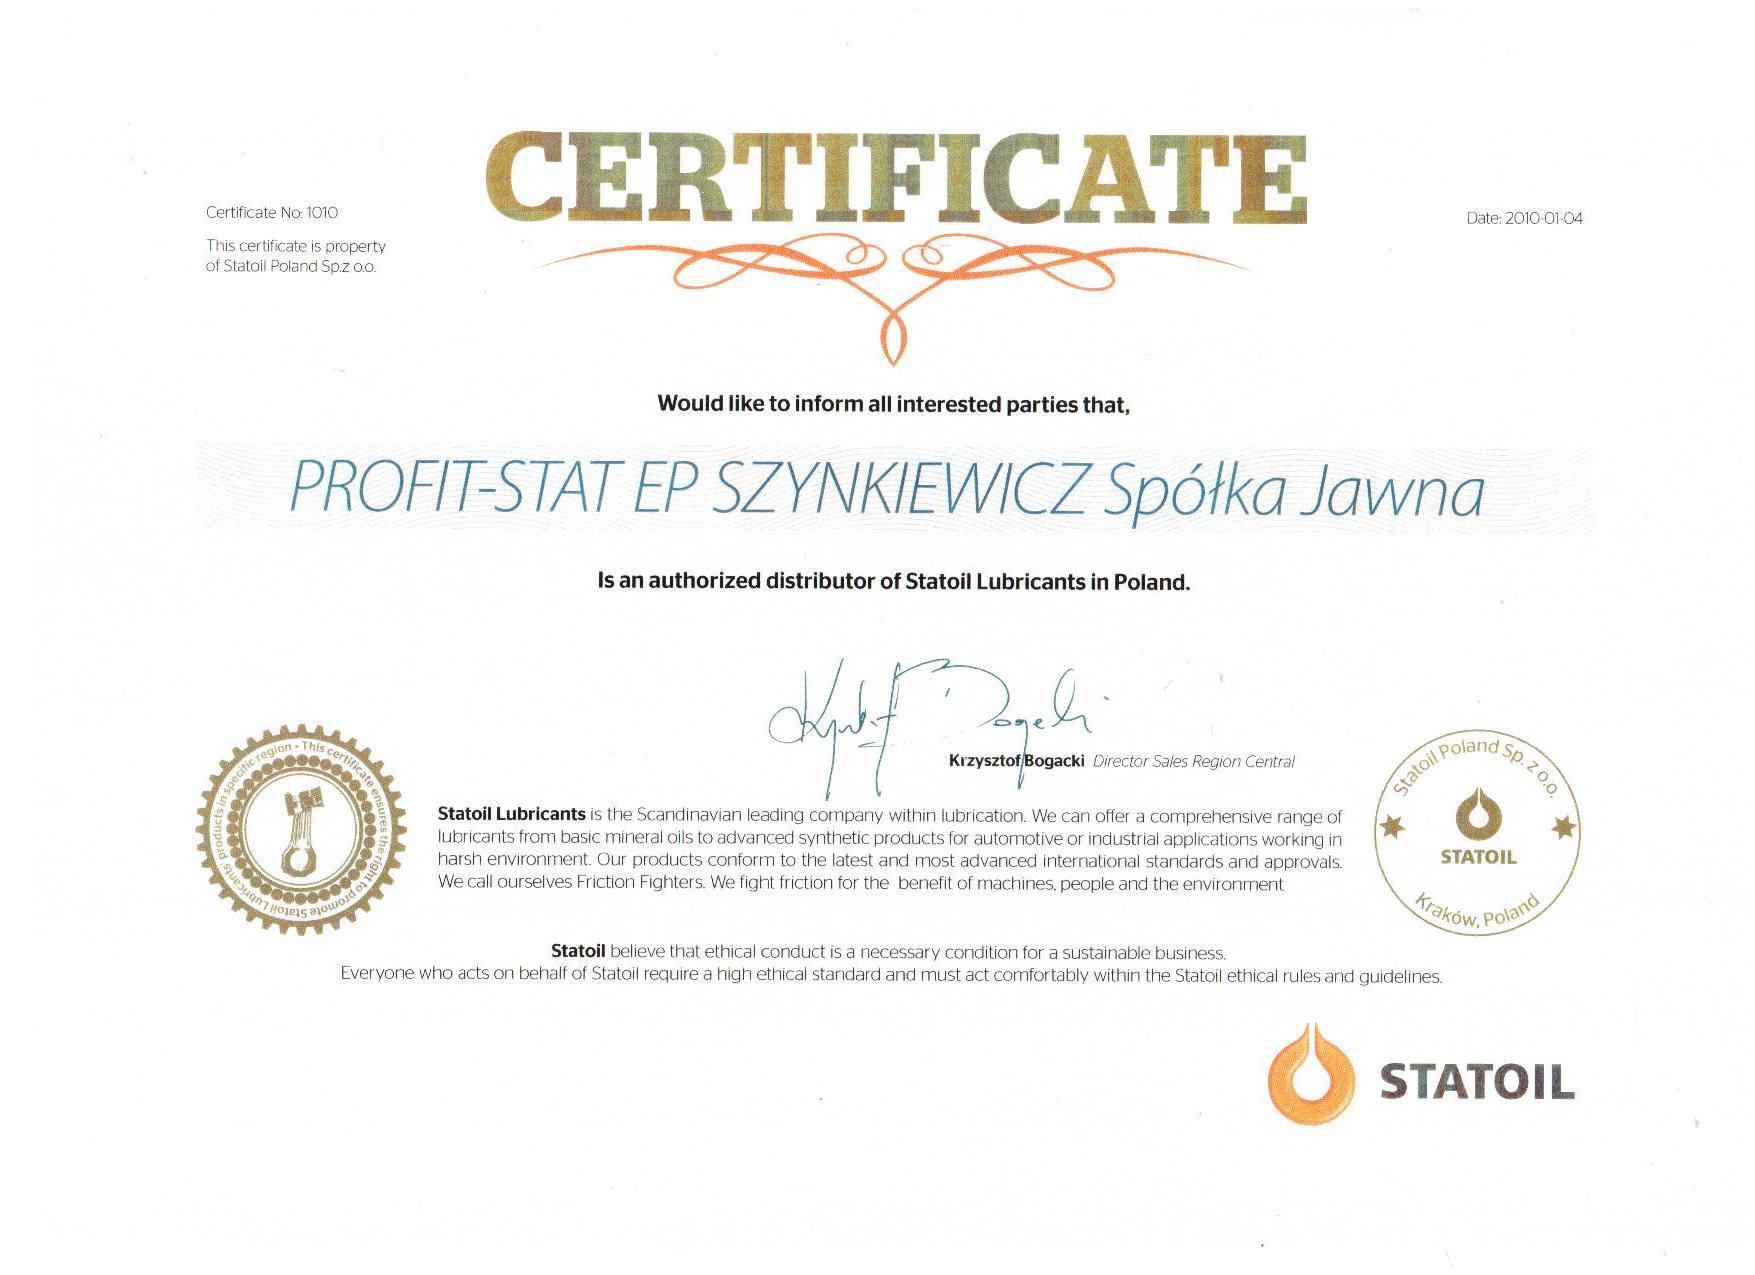 http://profitstatep.pl/media/images/certyfikat.jpg